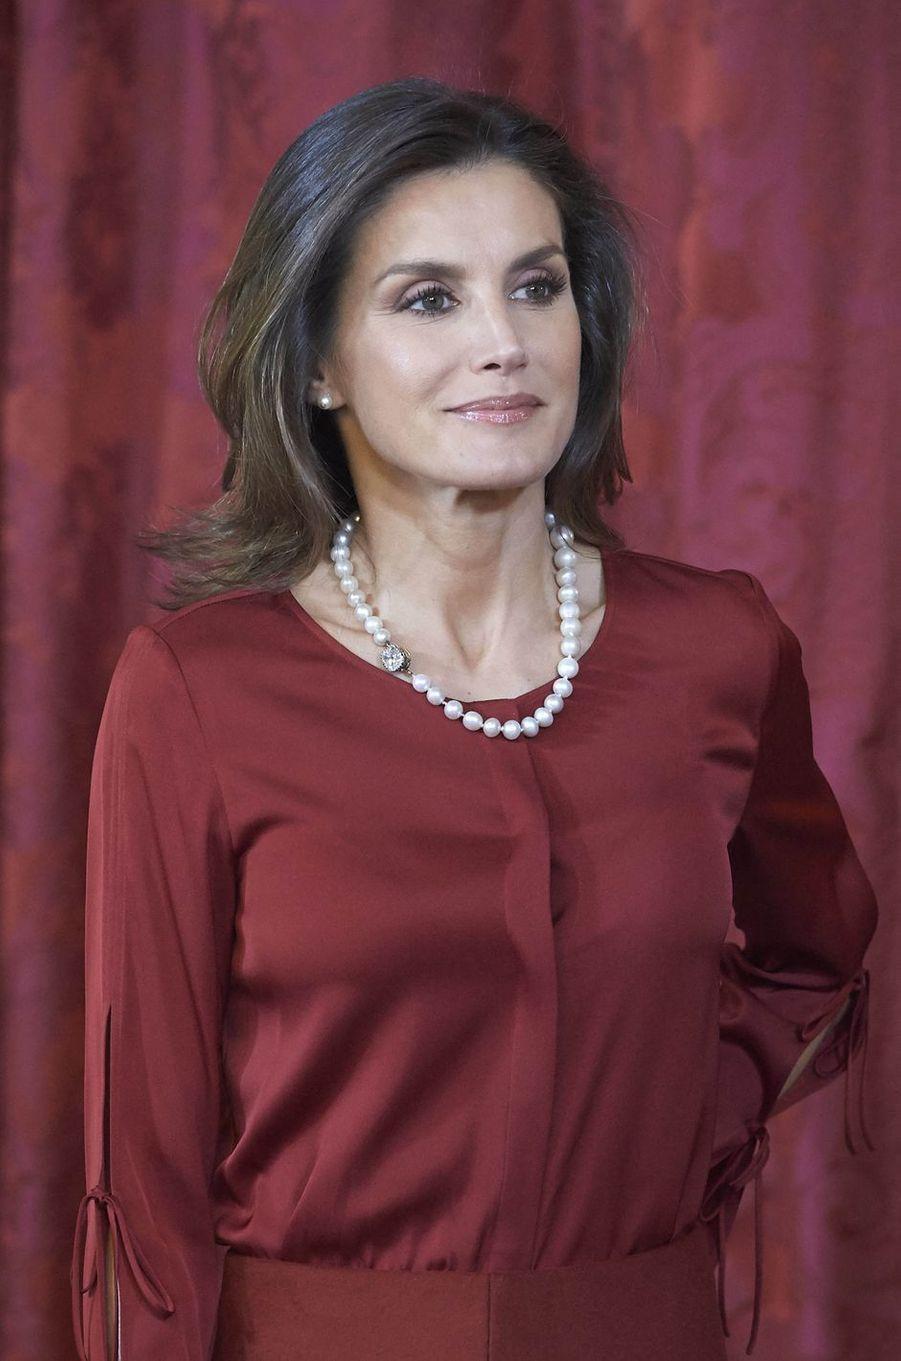 La reine Letizia parée du collier de perles russes des reines d'Espagne à Madrid, le 24 octobre 2018